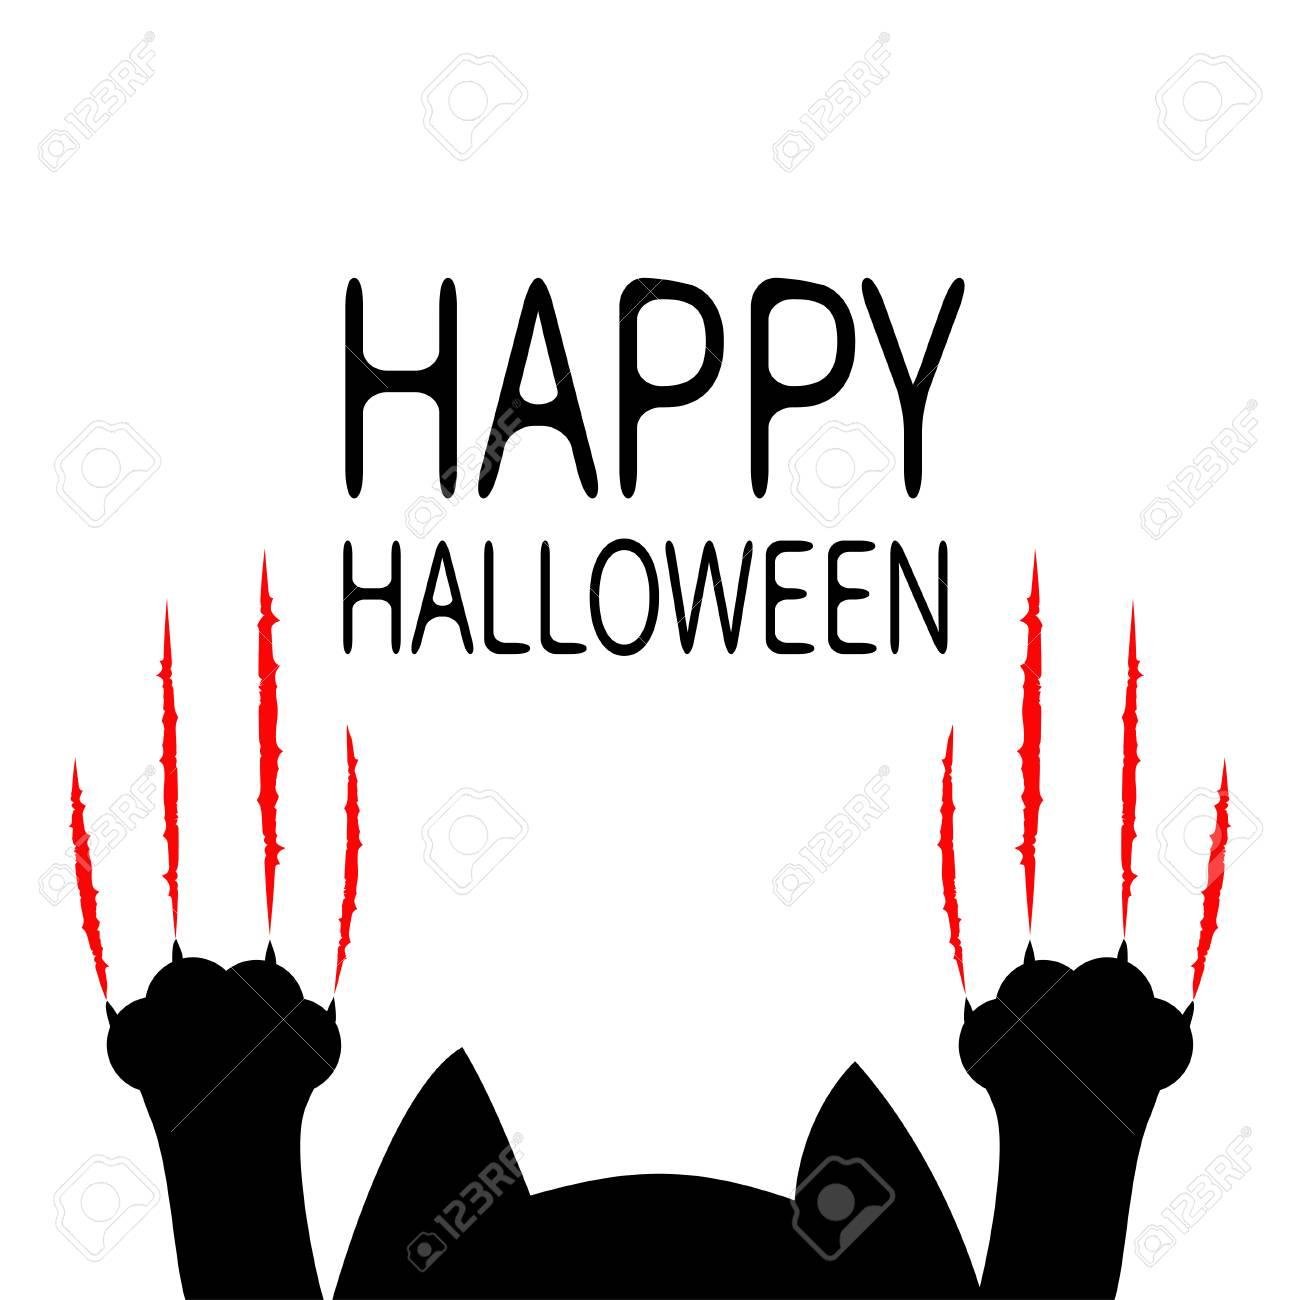 Joyeux Halloween Chat Noir De Dessin Anime Silhouette De Tete